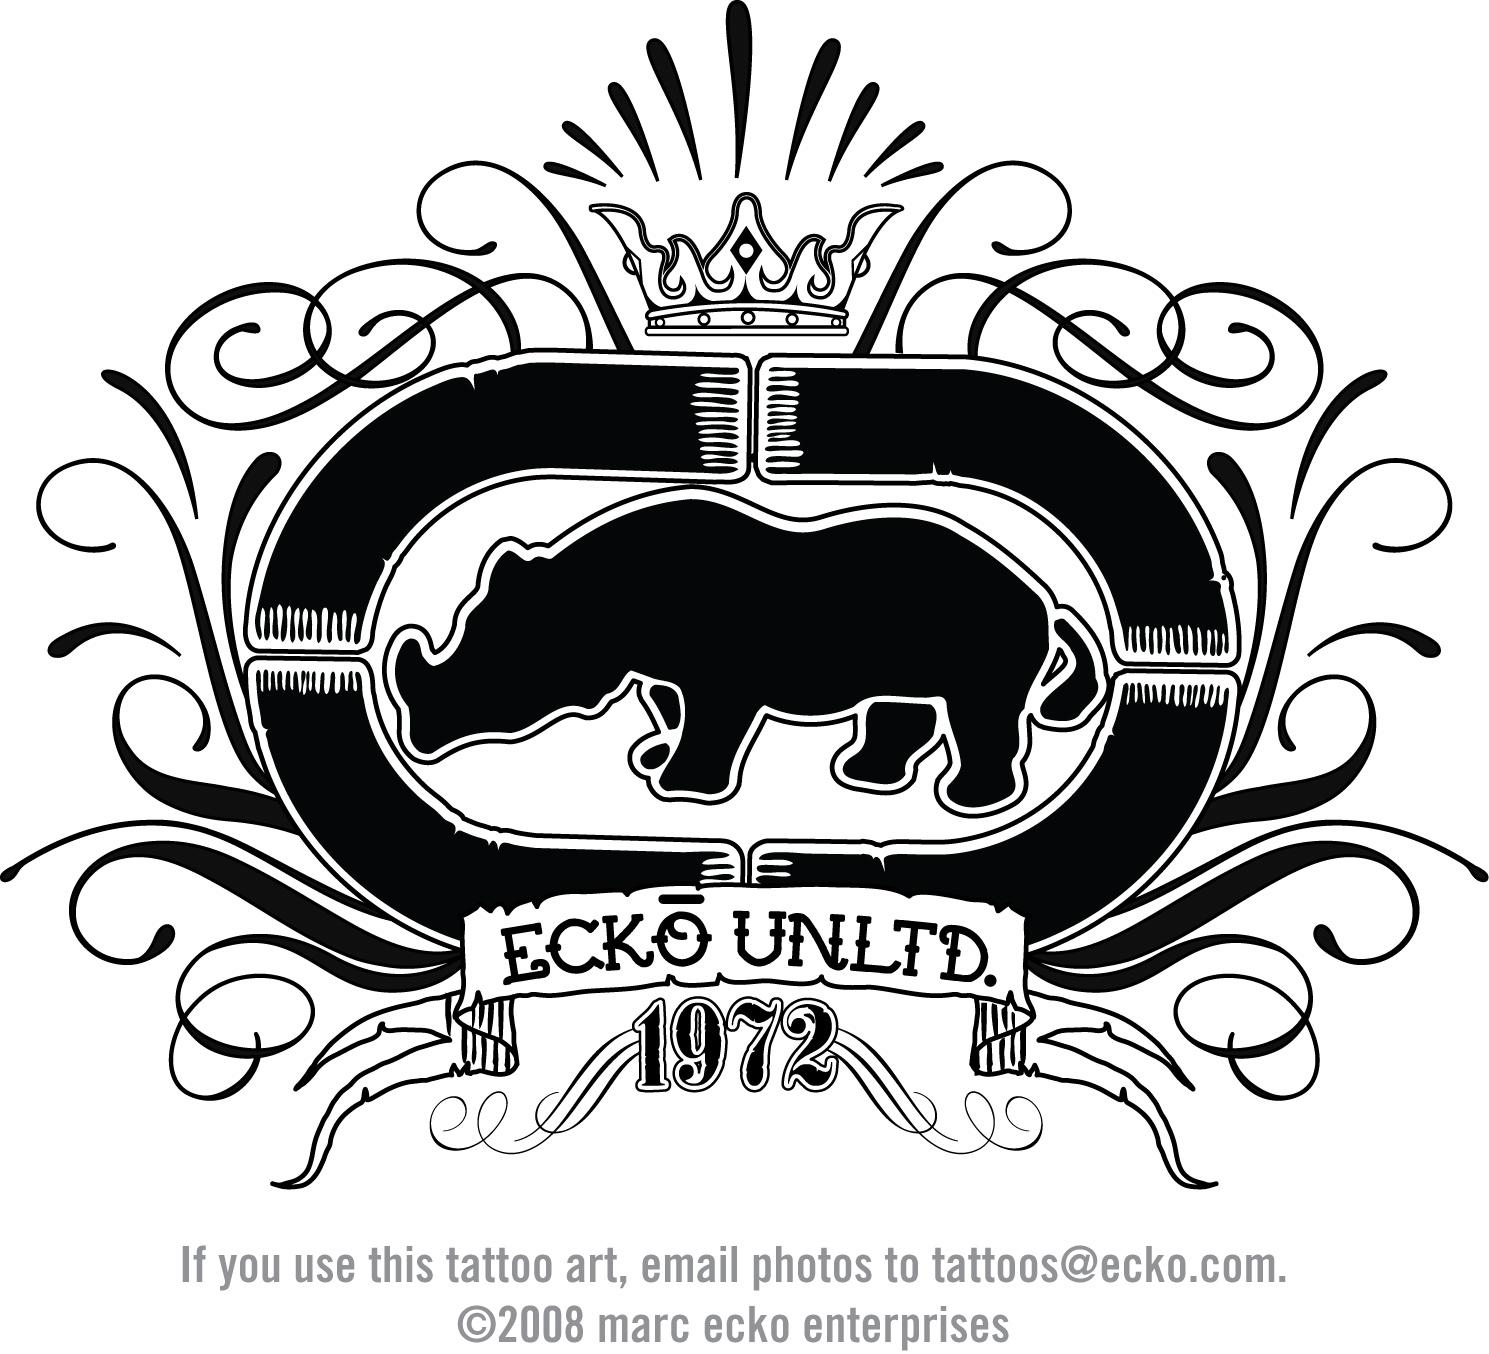 ECKO Save the Rhino Campaign feat Graffiti Artist  TUTS